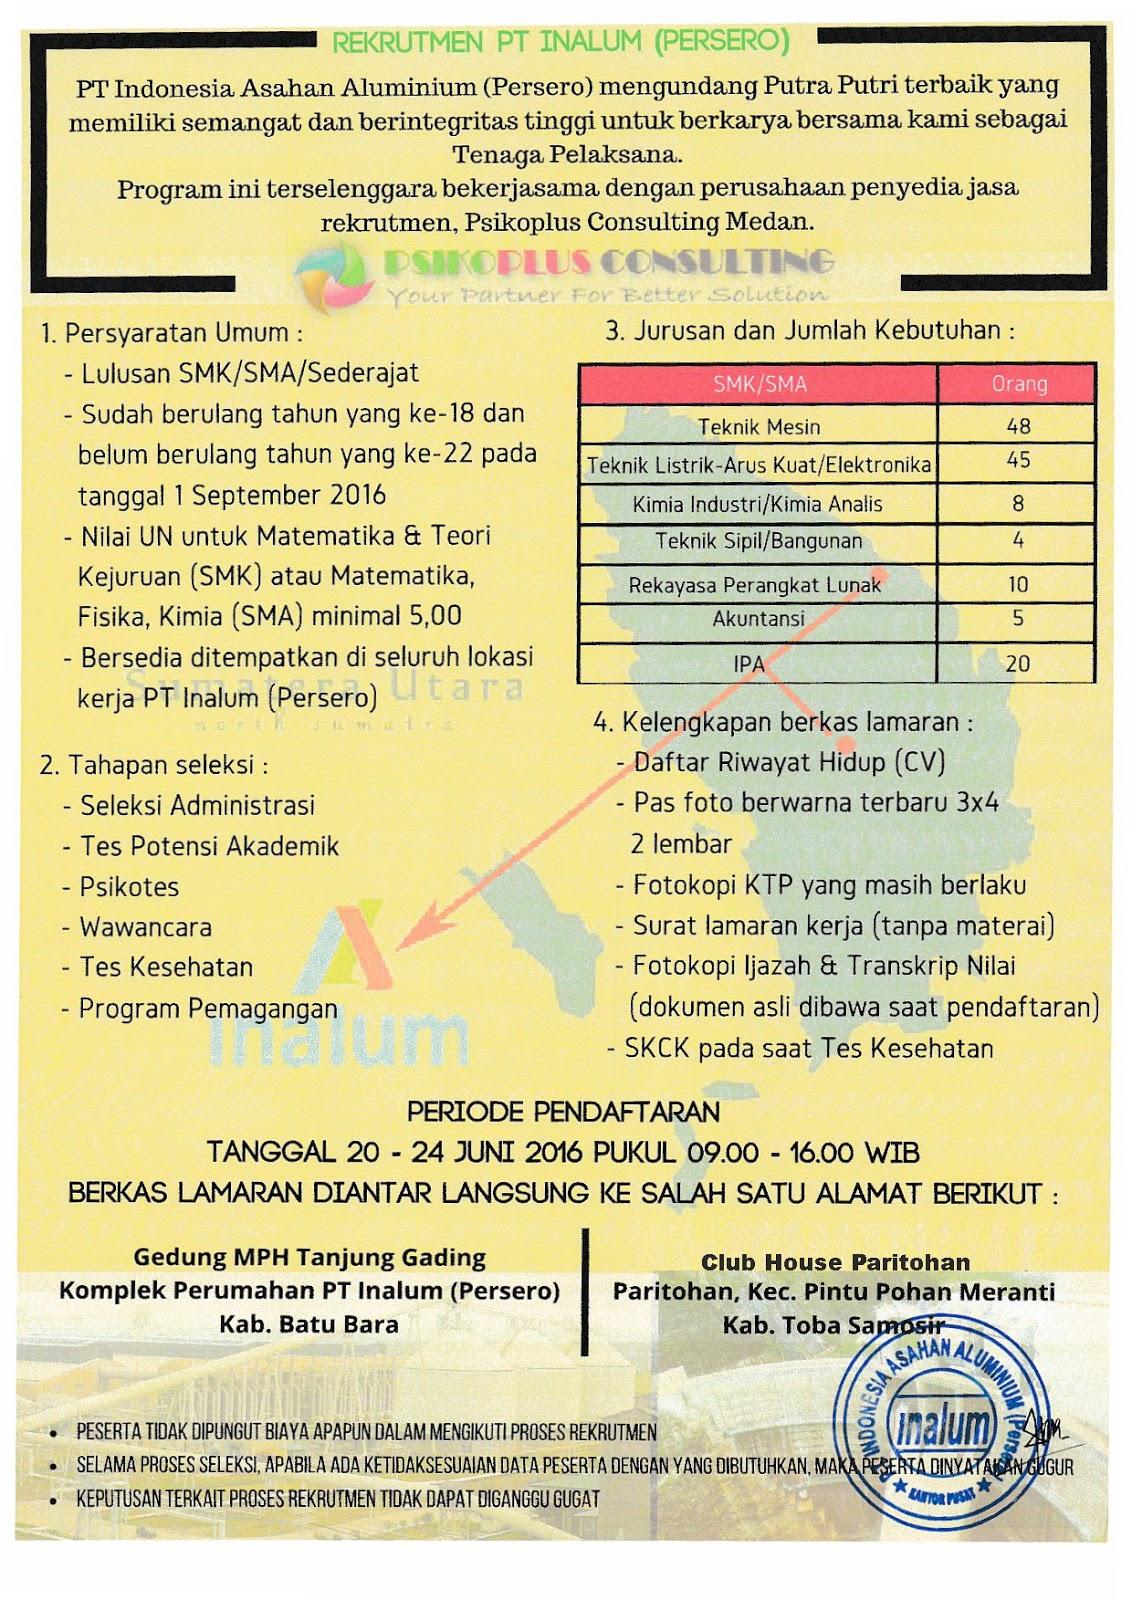 Penerimaan Pegawai PT INALUM (Persero) Untuk SLTA/Sederajat 2016